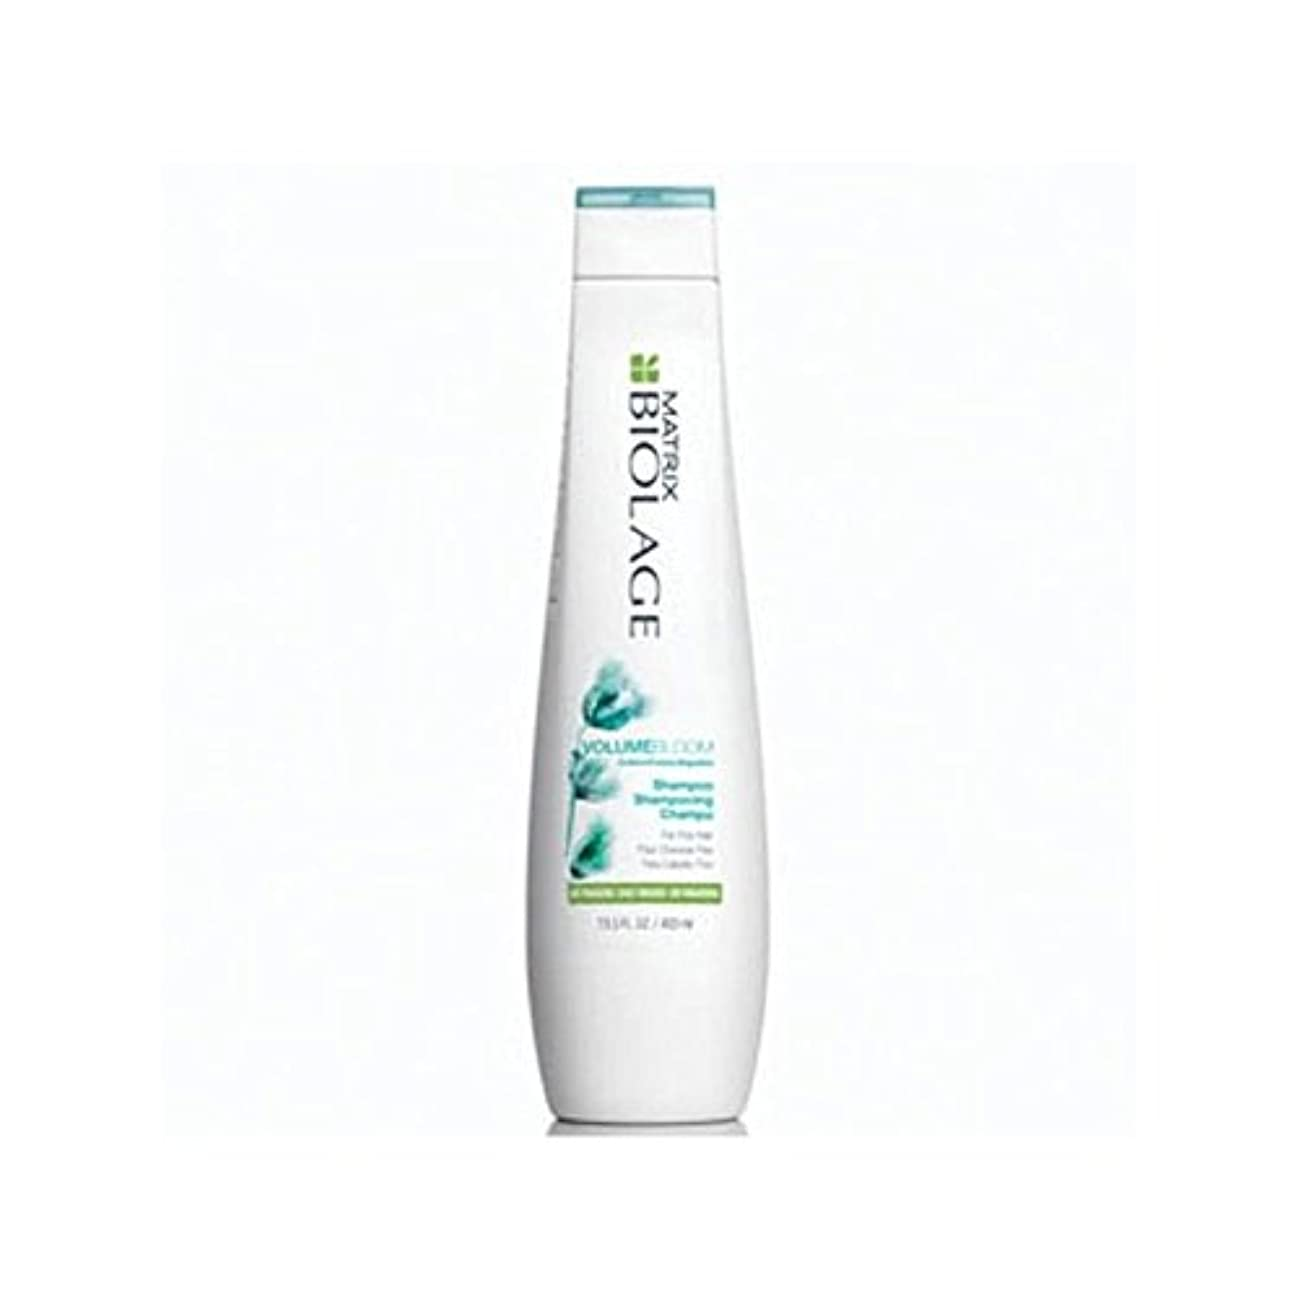 愛国的な崇拝します患者Matrix Biolage Volumebloom Shampoo (400ml) (Pack of 6) - マトリックスバイオレイジのシャンプー(400ミリリットル) x6 [並行輸入品]